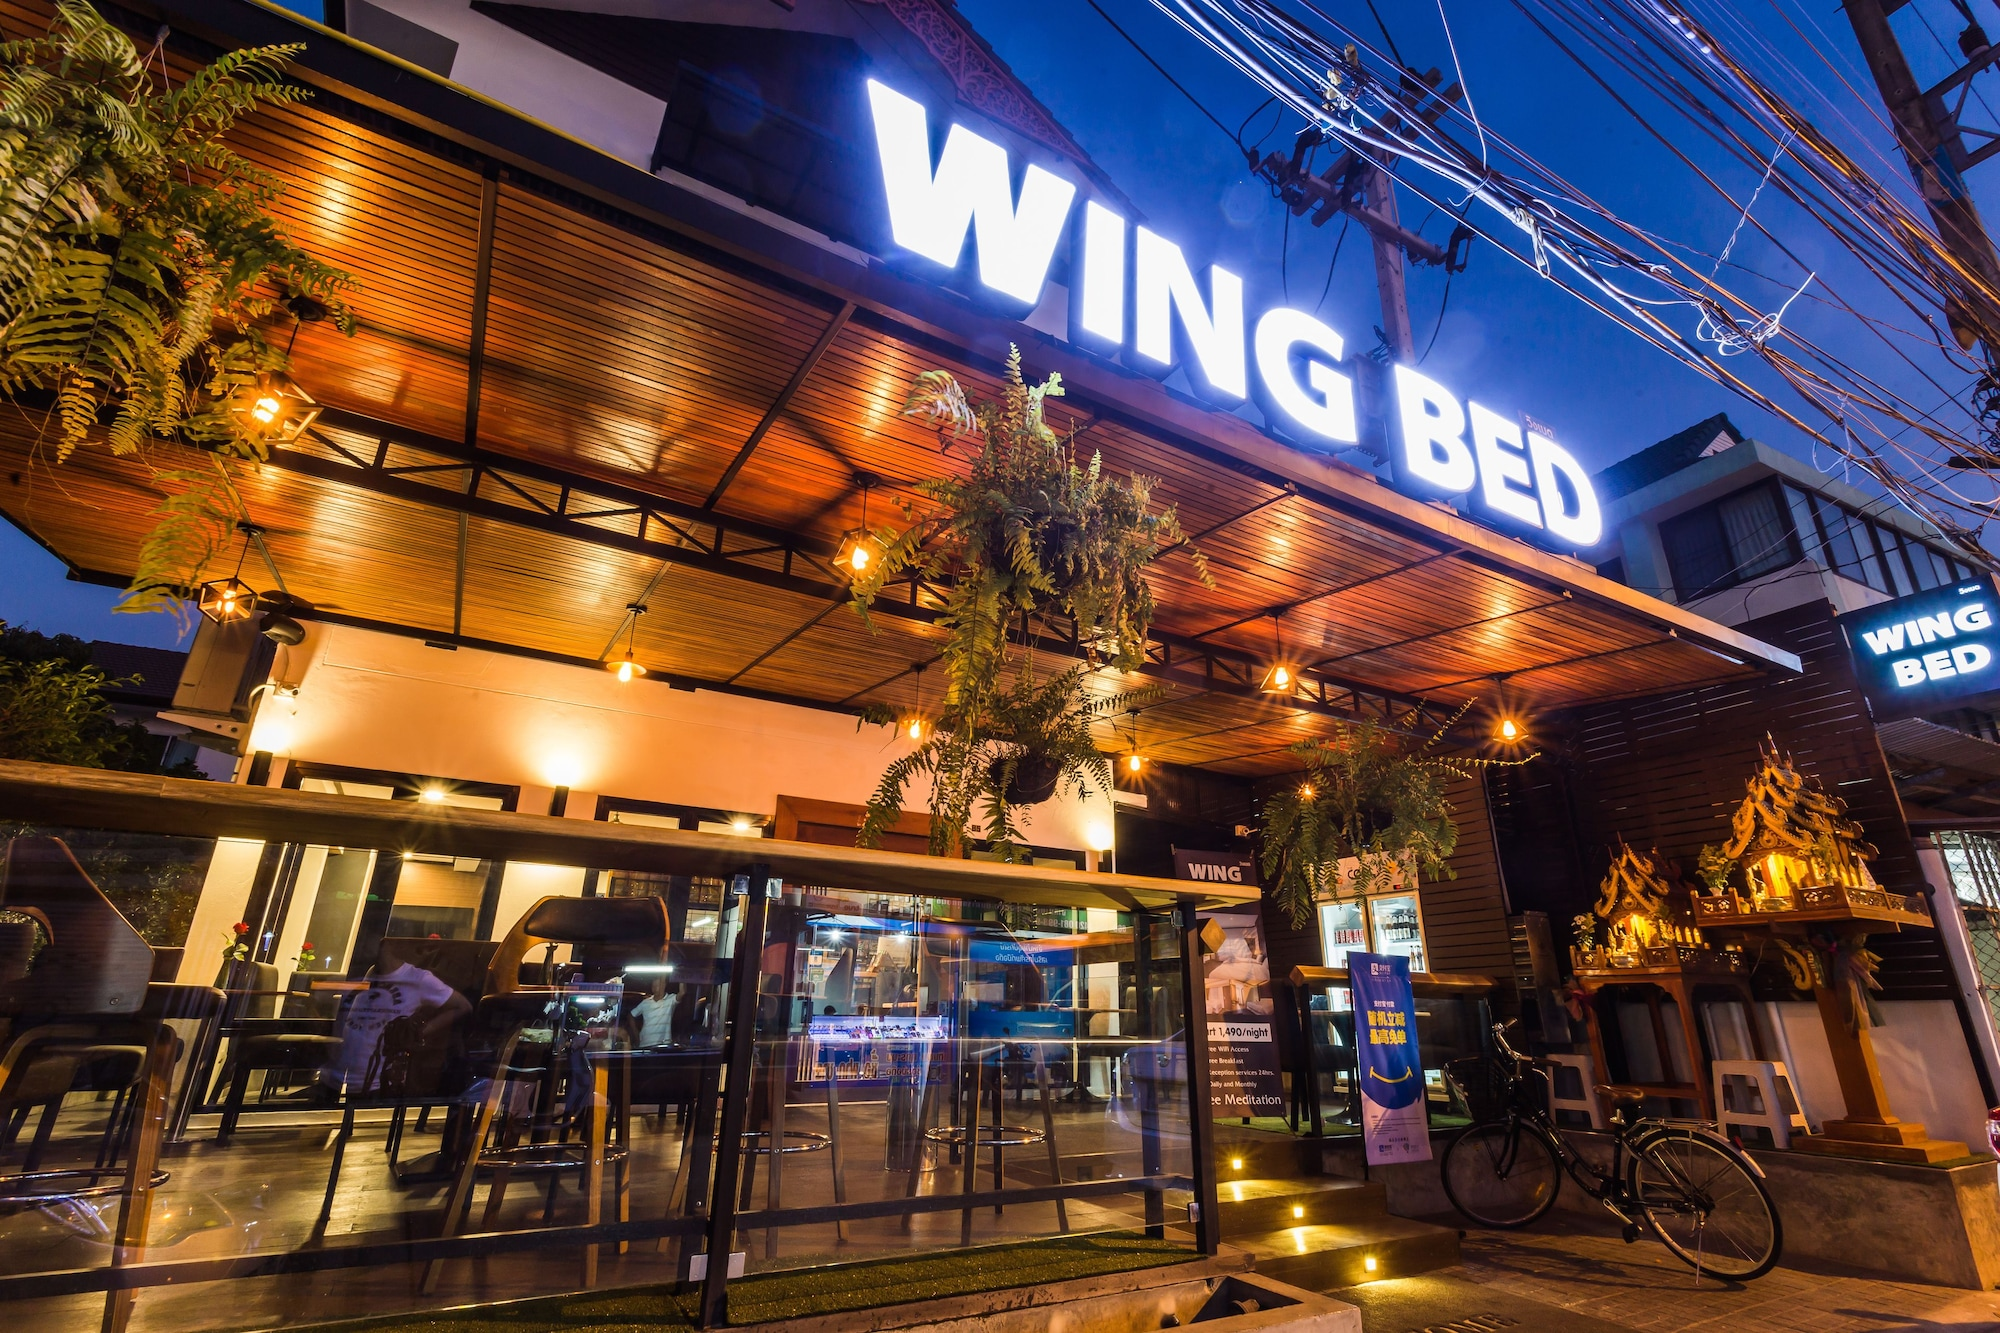 WING BED, Muang Chiang Mai